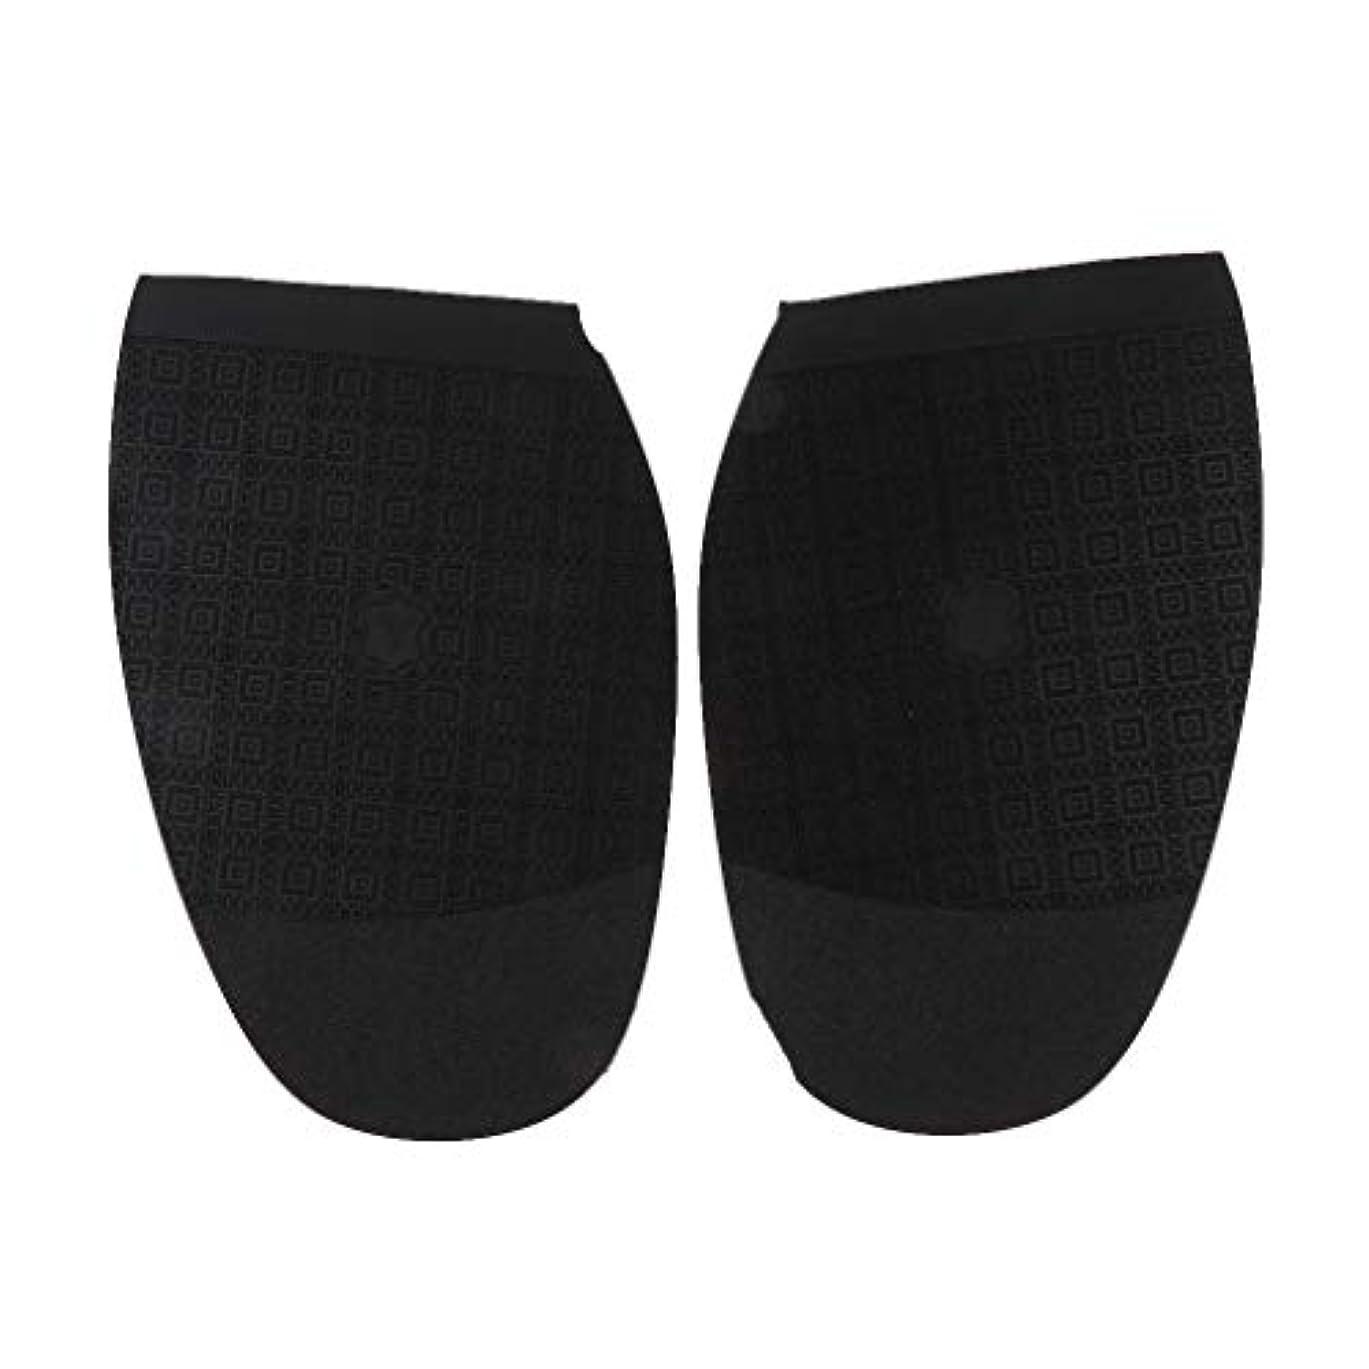 強制的もつれ第二シューズ補修材 前足パッド ゴム製 靴底補修シート 靴底用補修材 半底の交換 滑り止め